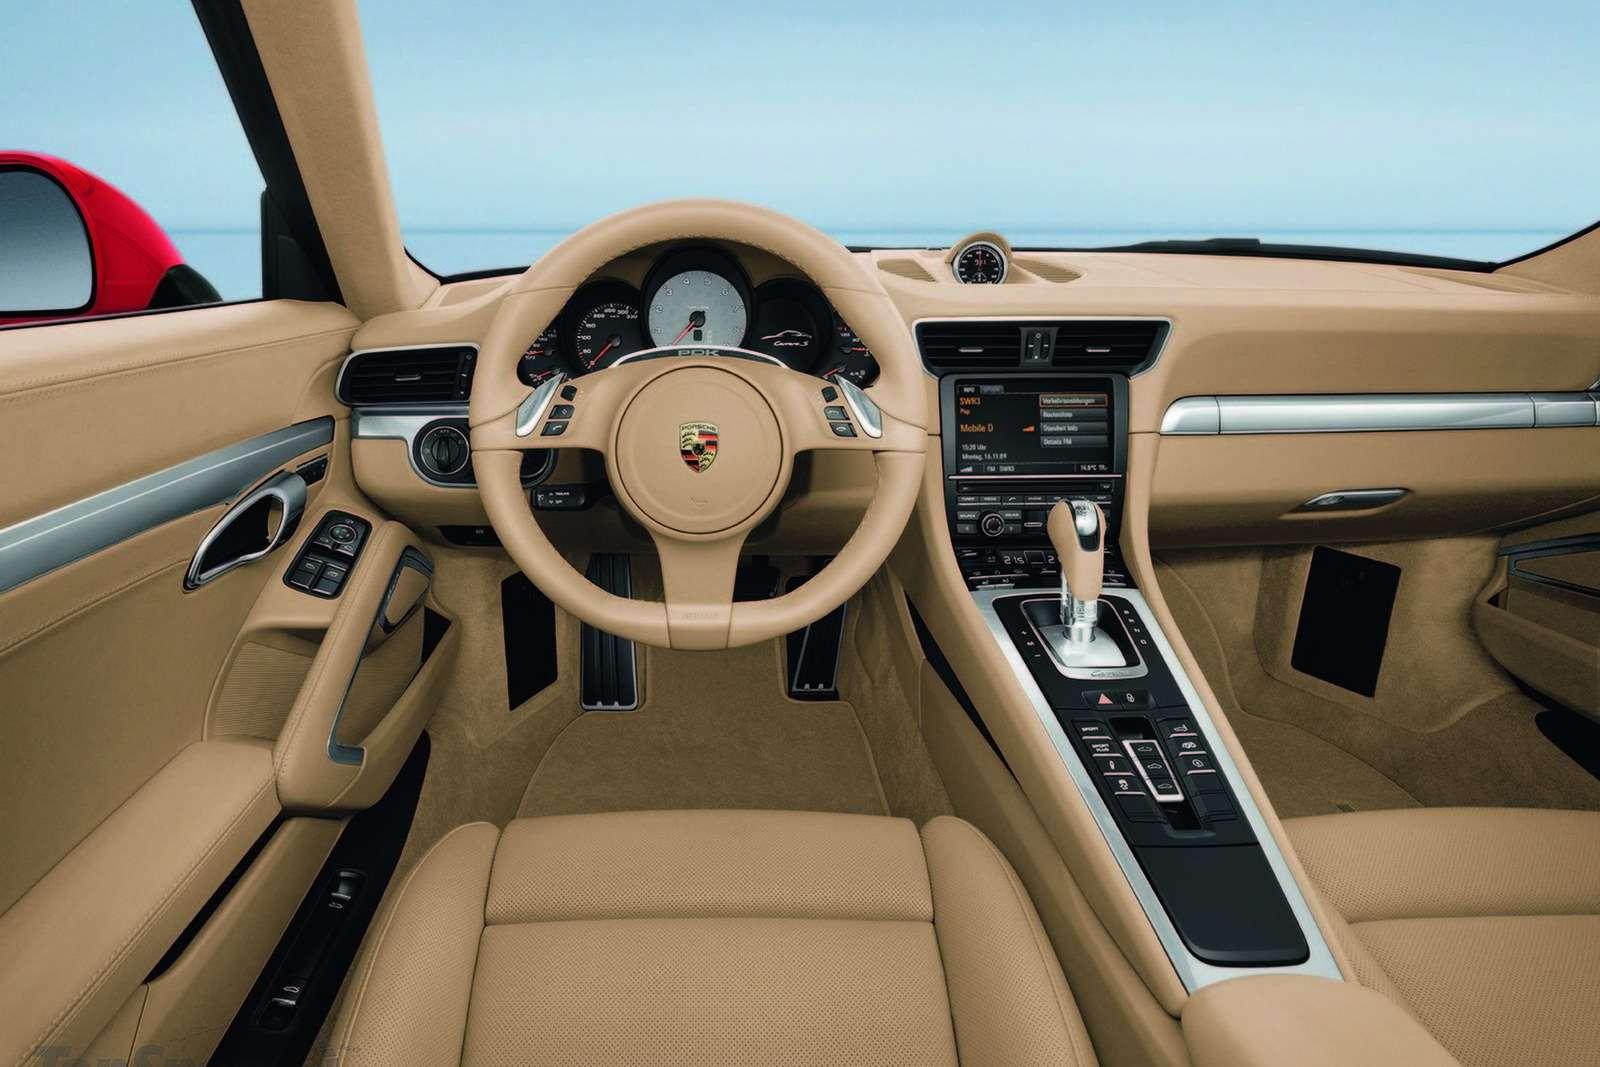 2012 Porsche 911 pierwsze fot sierpien 2011